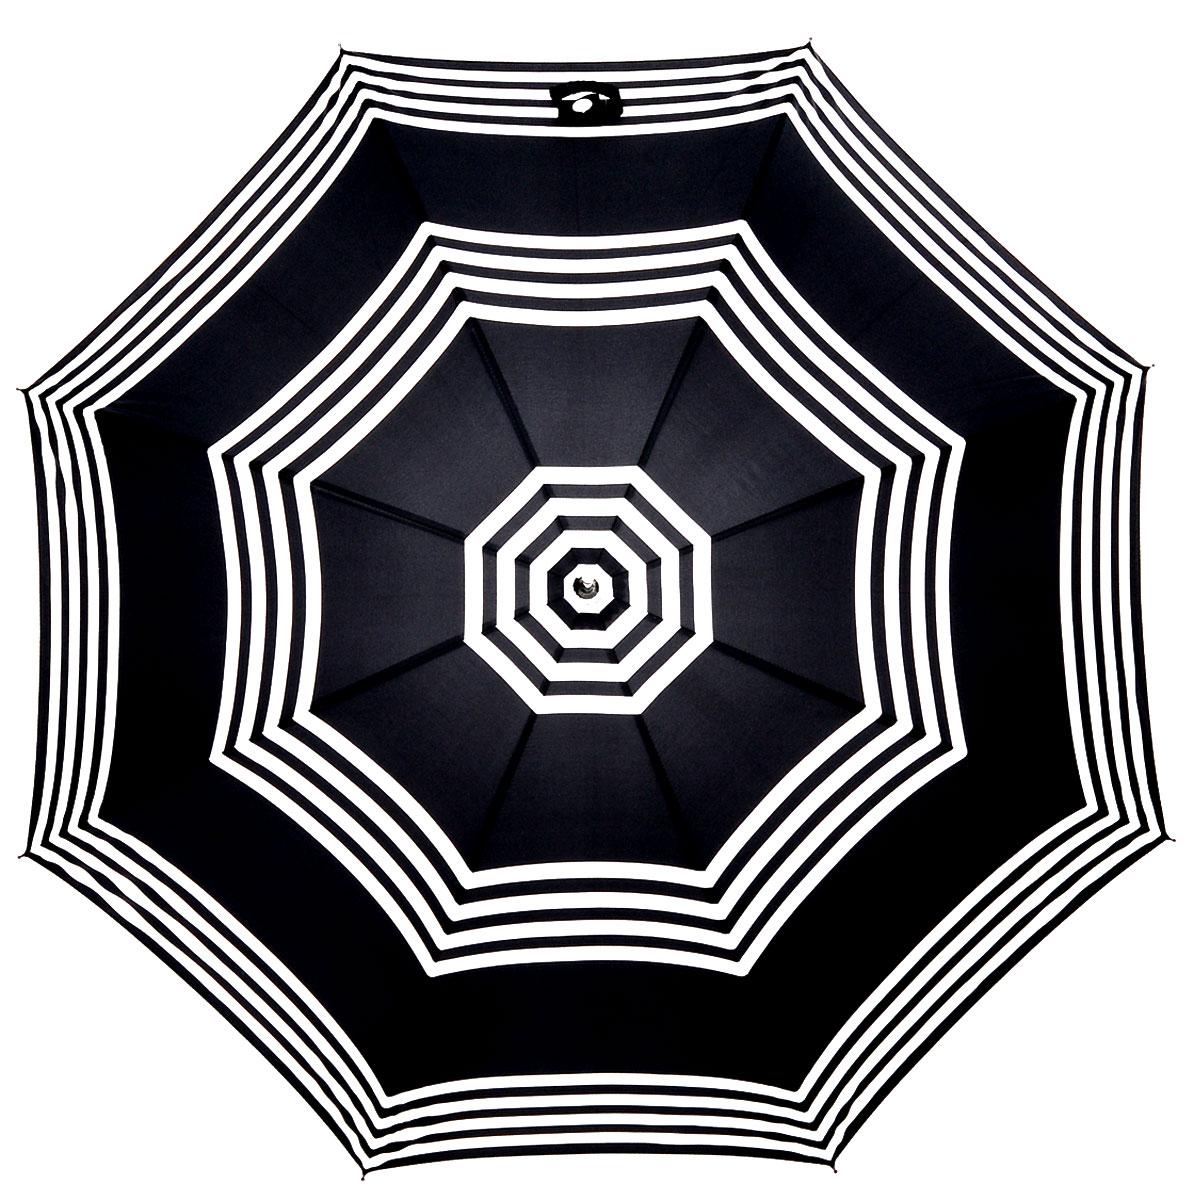 Зонт-трость женский Lulu Guinness Eliza, механический, цвет: черный, белый. L720-2784L720-2784 StripesМодный механический зонт-трость Lulu Guinness Eliza даже в ненастную погоду позволит вам оставаться стильной и элегантной. Каркас зонта включает 8 спиц из фибергласса. Стержень изготовлен из стали. Купол зонта выполнен из прочного полиэстера и оформлен принтом в виде полосок. Изделие дополнено удобной рукояткой из пластика с металлическим элементом. Зонт механического сложения: купол открывается и закрывается вручную до характерного щелчка. Модель застегивается с помощью хлястика на кнопку. Такой зонт не только надежно защитит вас от дождя, но и станет стильным аксессуаром, который идеально подчеркнет ваш неповторимый образ.